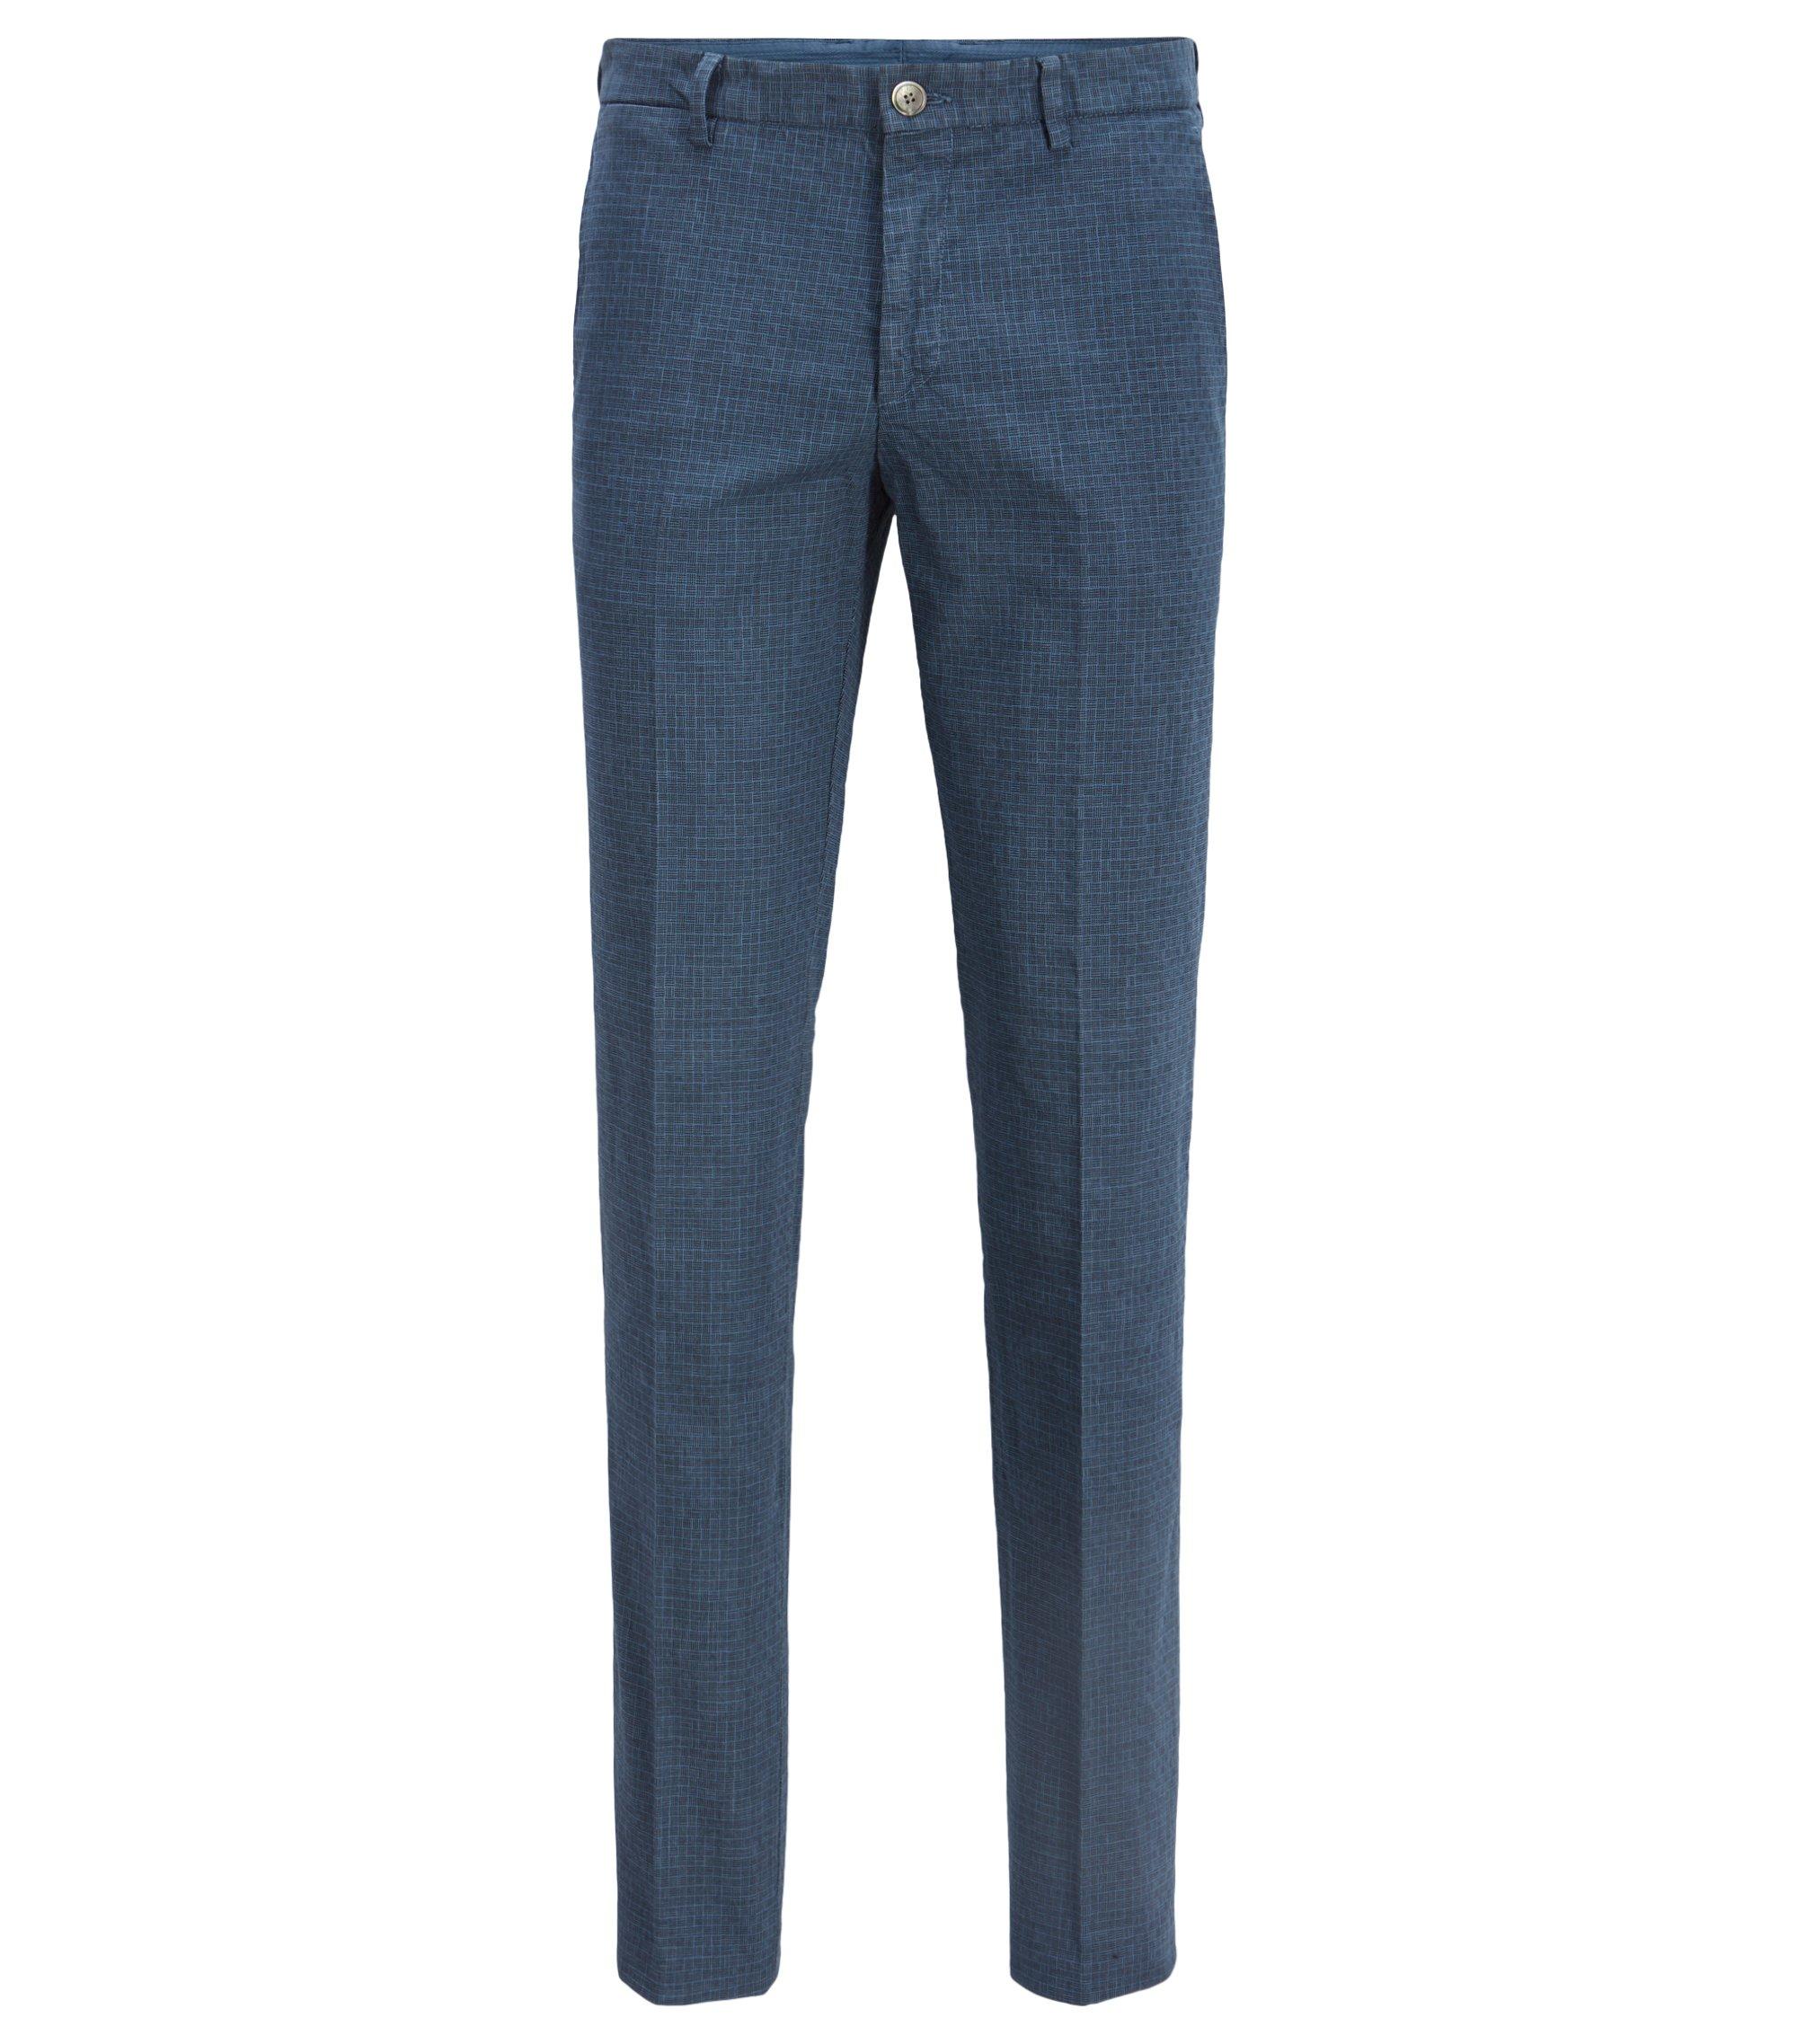 Pantalon Slim Fit en coton stretch avec ceinture queue d'hirondelle, Bleu vif